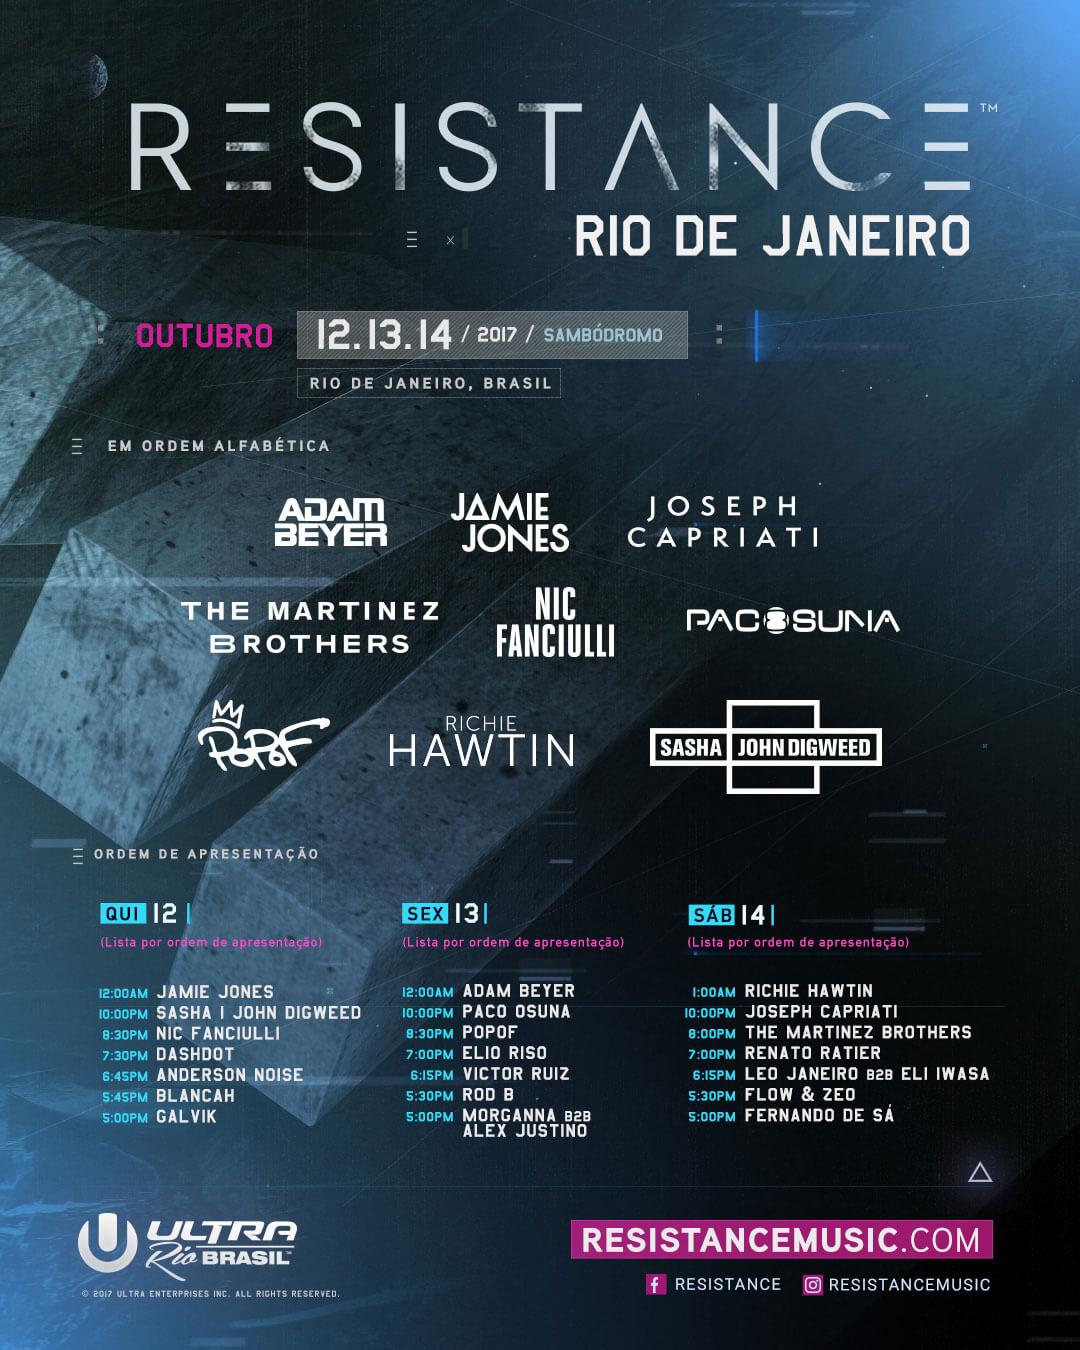 RESISTANCE Rio de Janiero